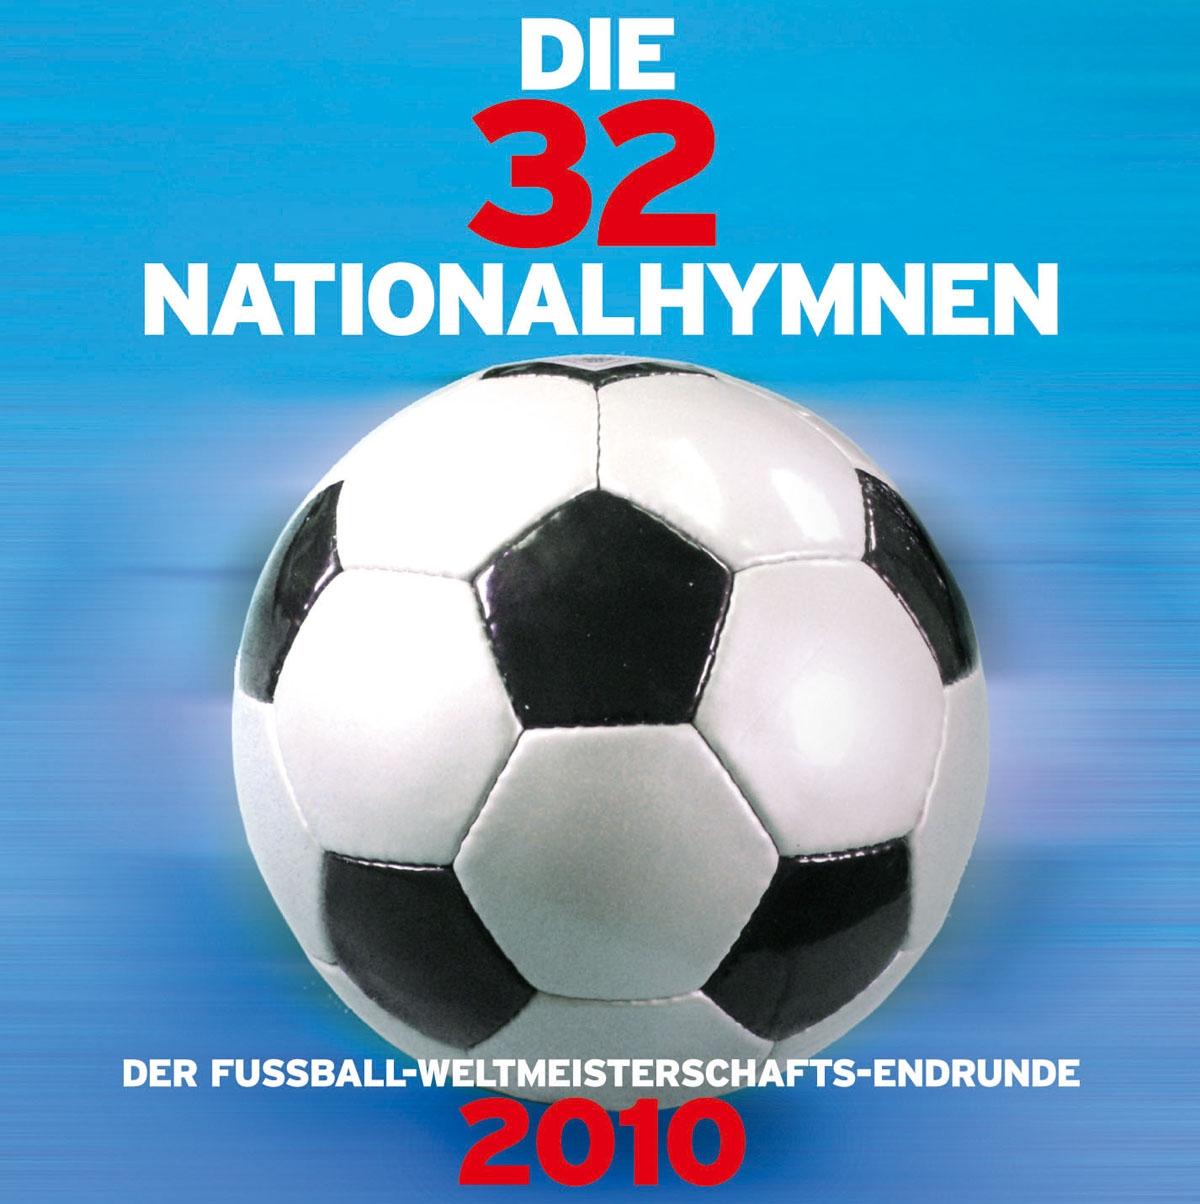 DIE 32 NATIONALHYMNEN DER FUSSBALL-WELTMEISTERSCHAFTS- ENDRUNDE 2010